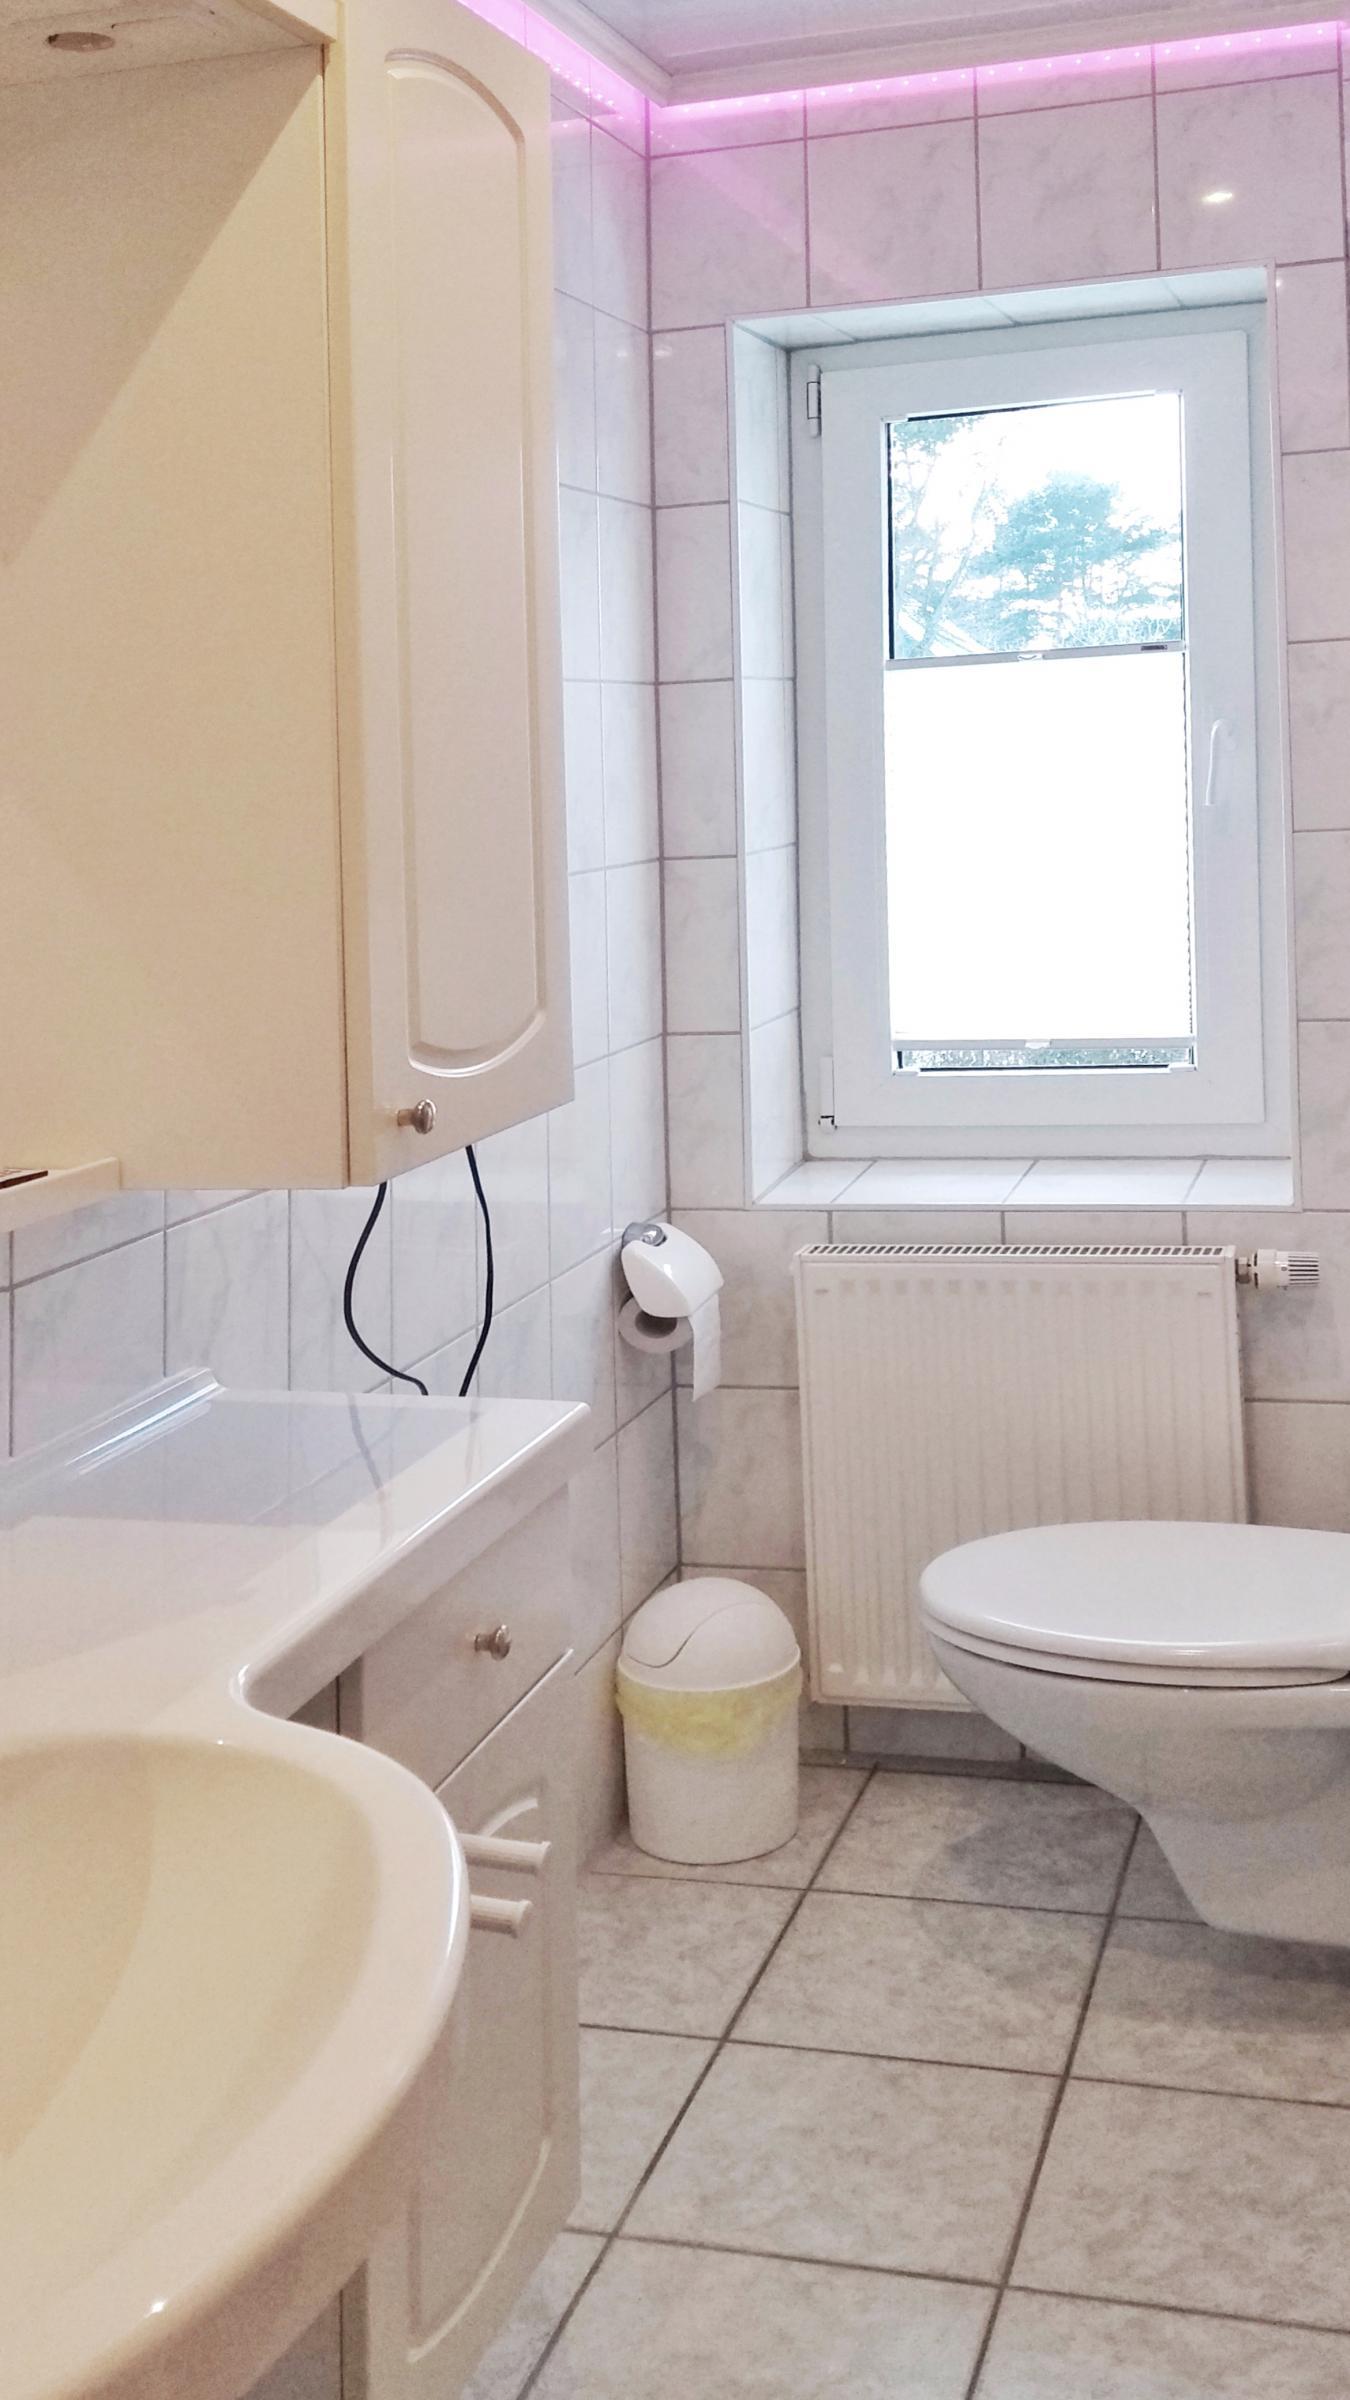 Dusche / WC mit farbigem LED-Design.